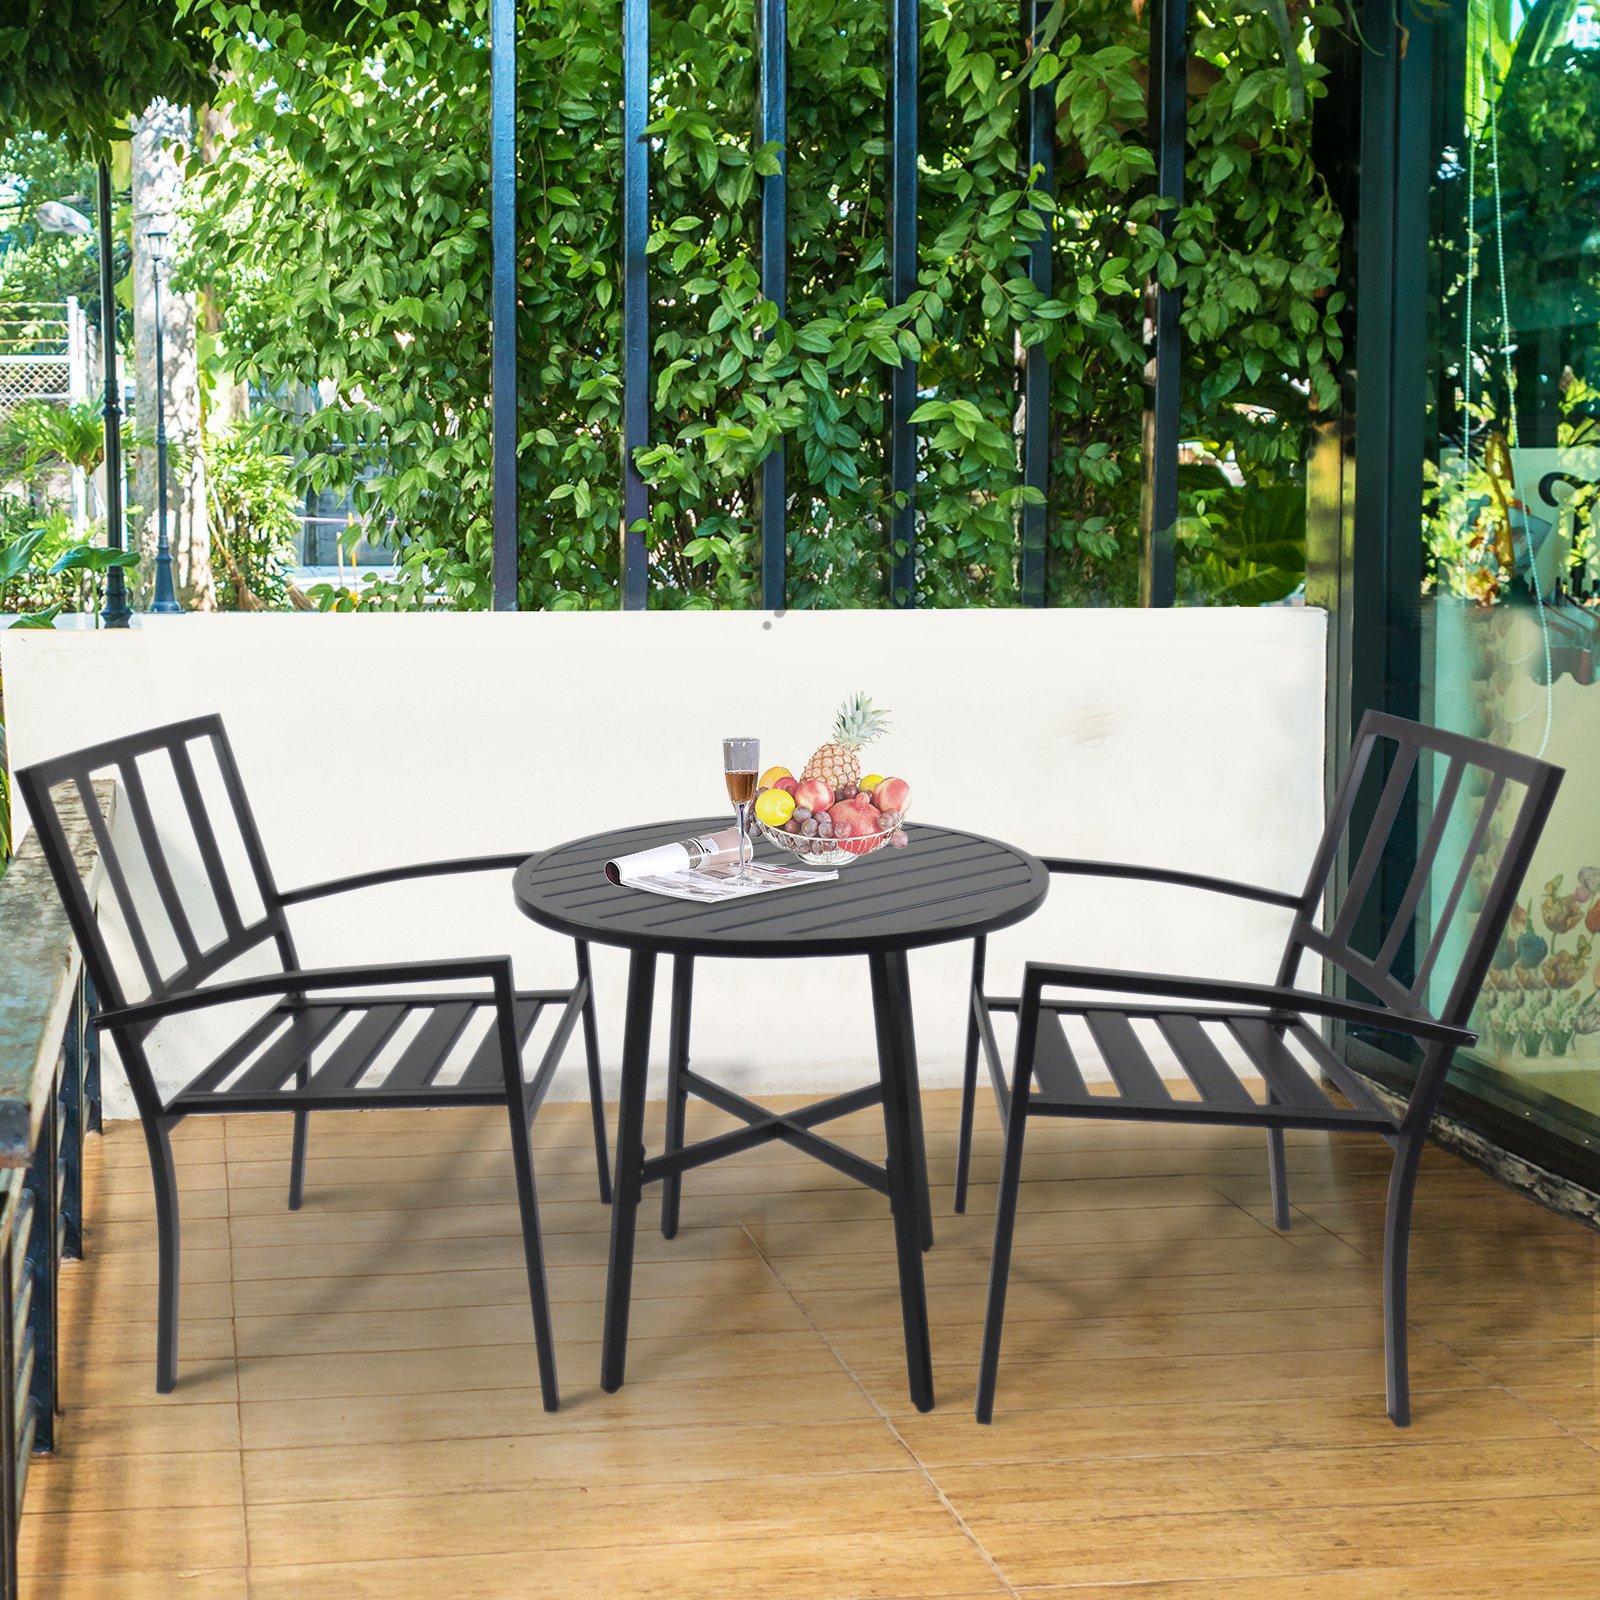 Conjuntos de Mesa y 2 Sillas de Jardín Muebles Comedor Exterior ...